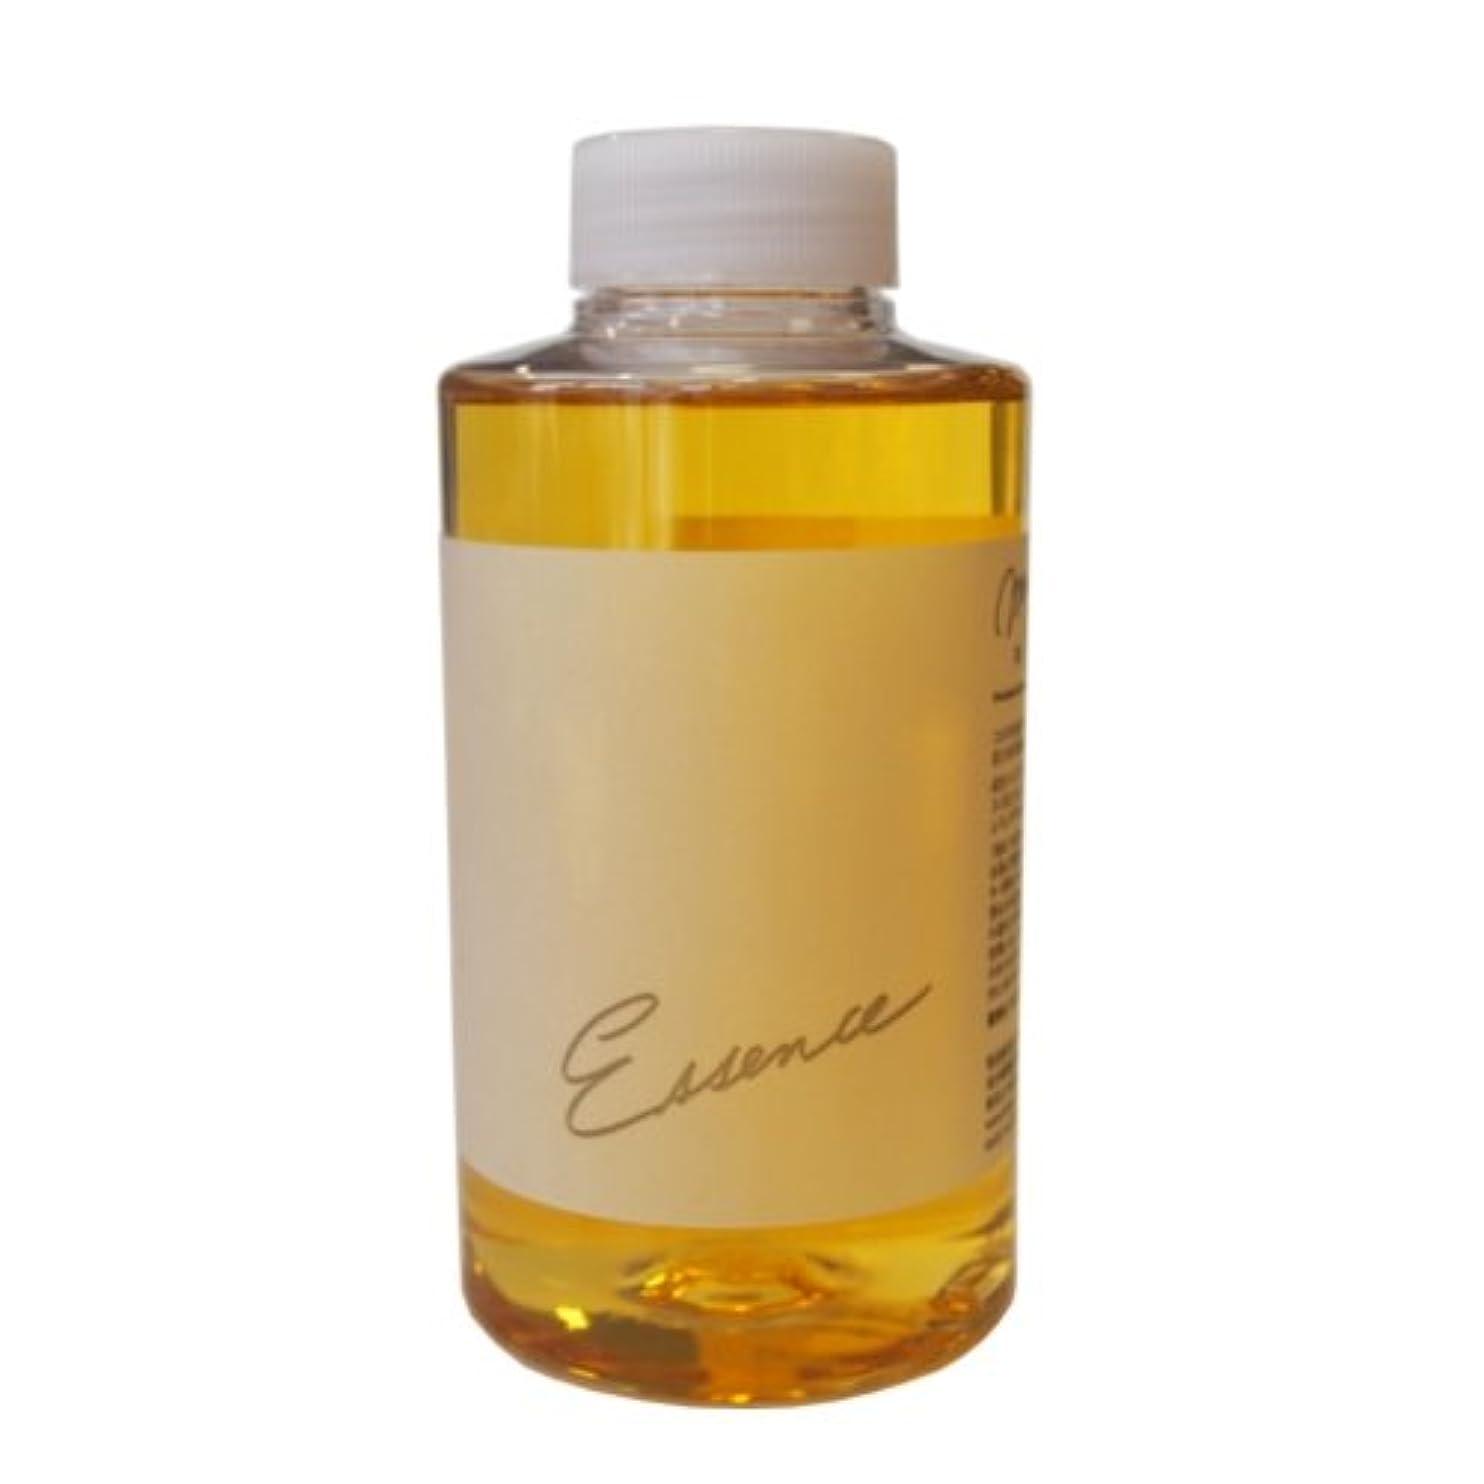 放つ合成著名な松山油脂×東急ハンズ モイスチャーバスエッセンス カモミール 300mL